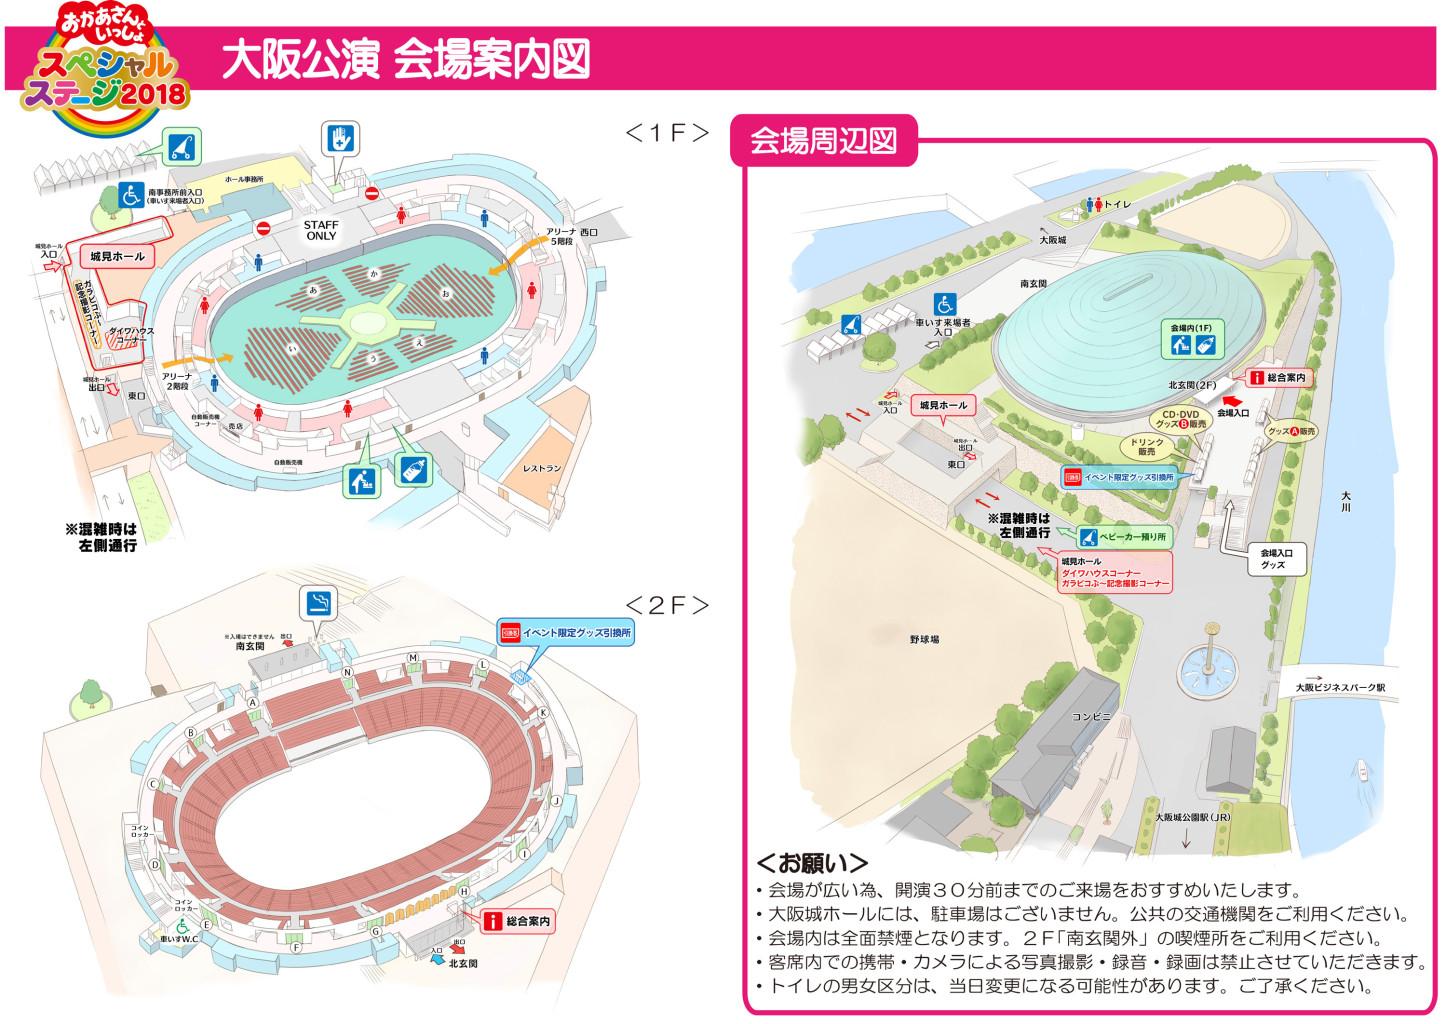 「おかあさんといっしょスペシャルステージ2018」大阪公演 大阪城ホール 会場案内図